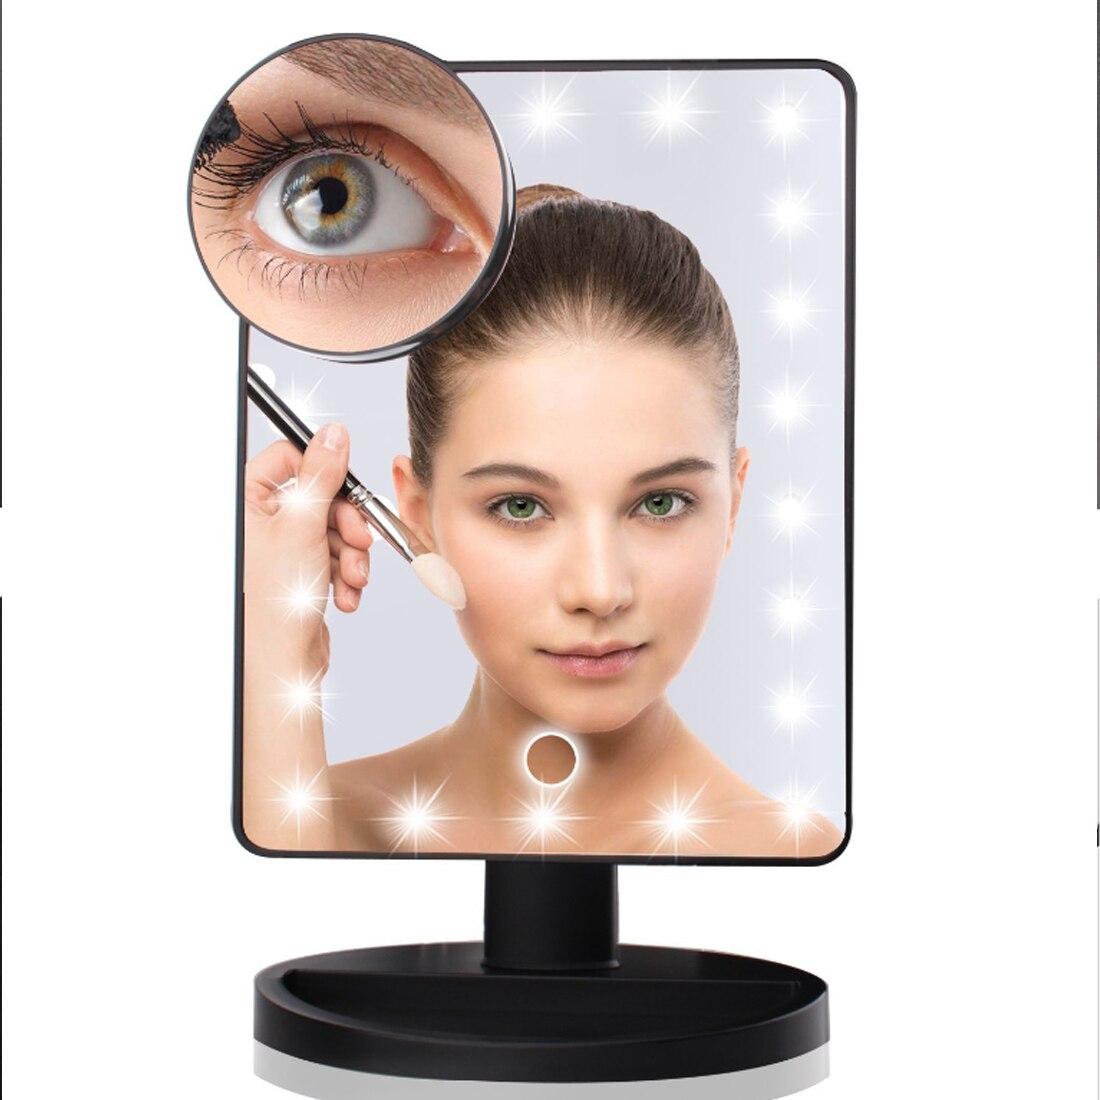 Schönheit & Gesundheit Klug 10 Mal Schönheit Spiegel Schönheit Desktop Licht Spiegel Led Licht Make-up Spiegel 16/22 Licht Intelligente Anpassung Helligkeit Schminkspiegel